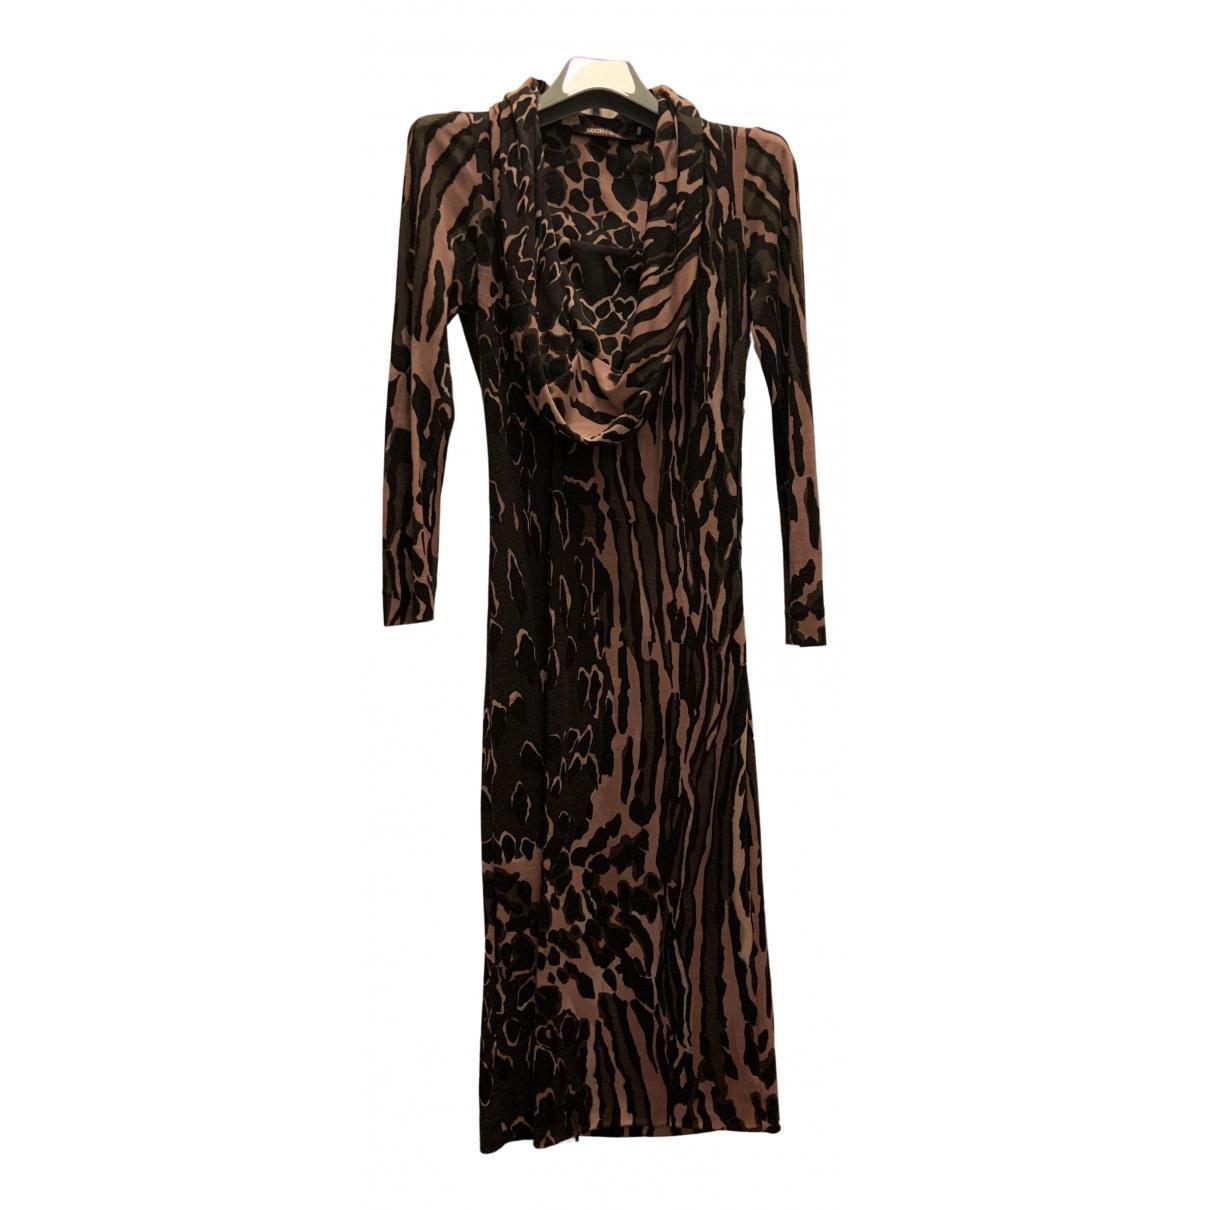 Roberto Cavalli \N Kleid in  Bunt Wolle